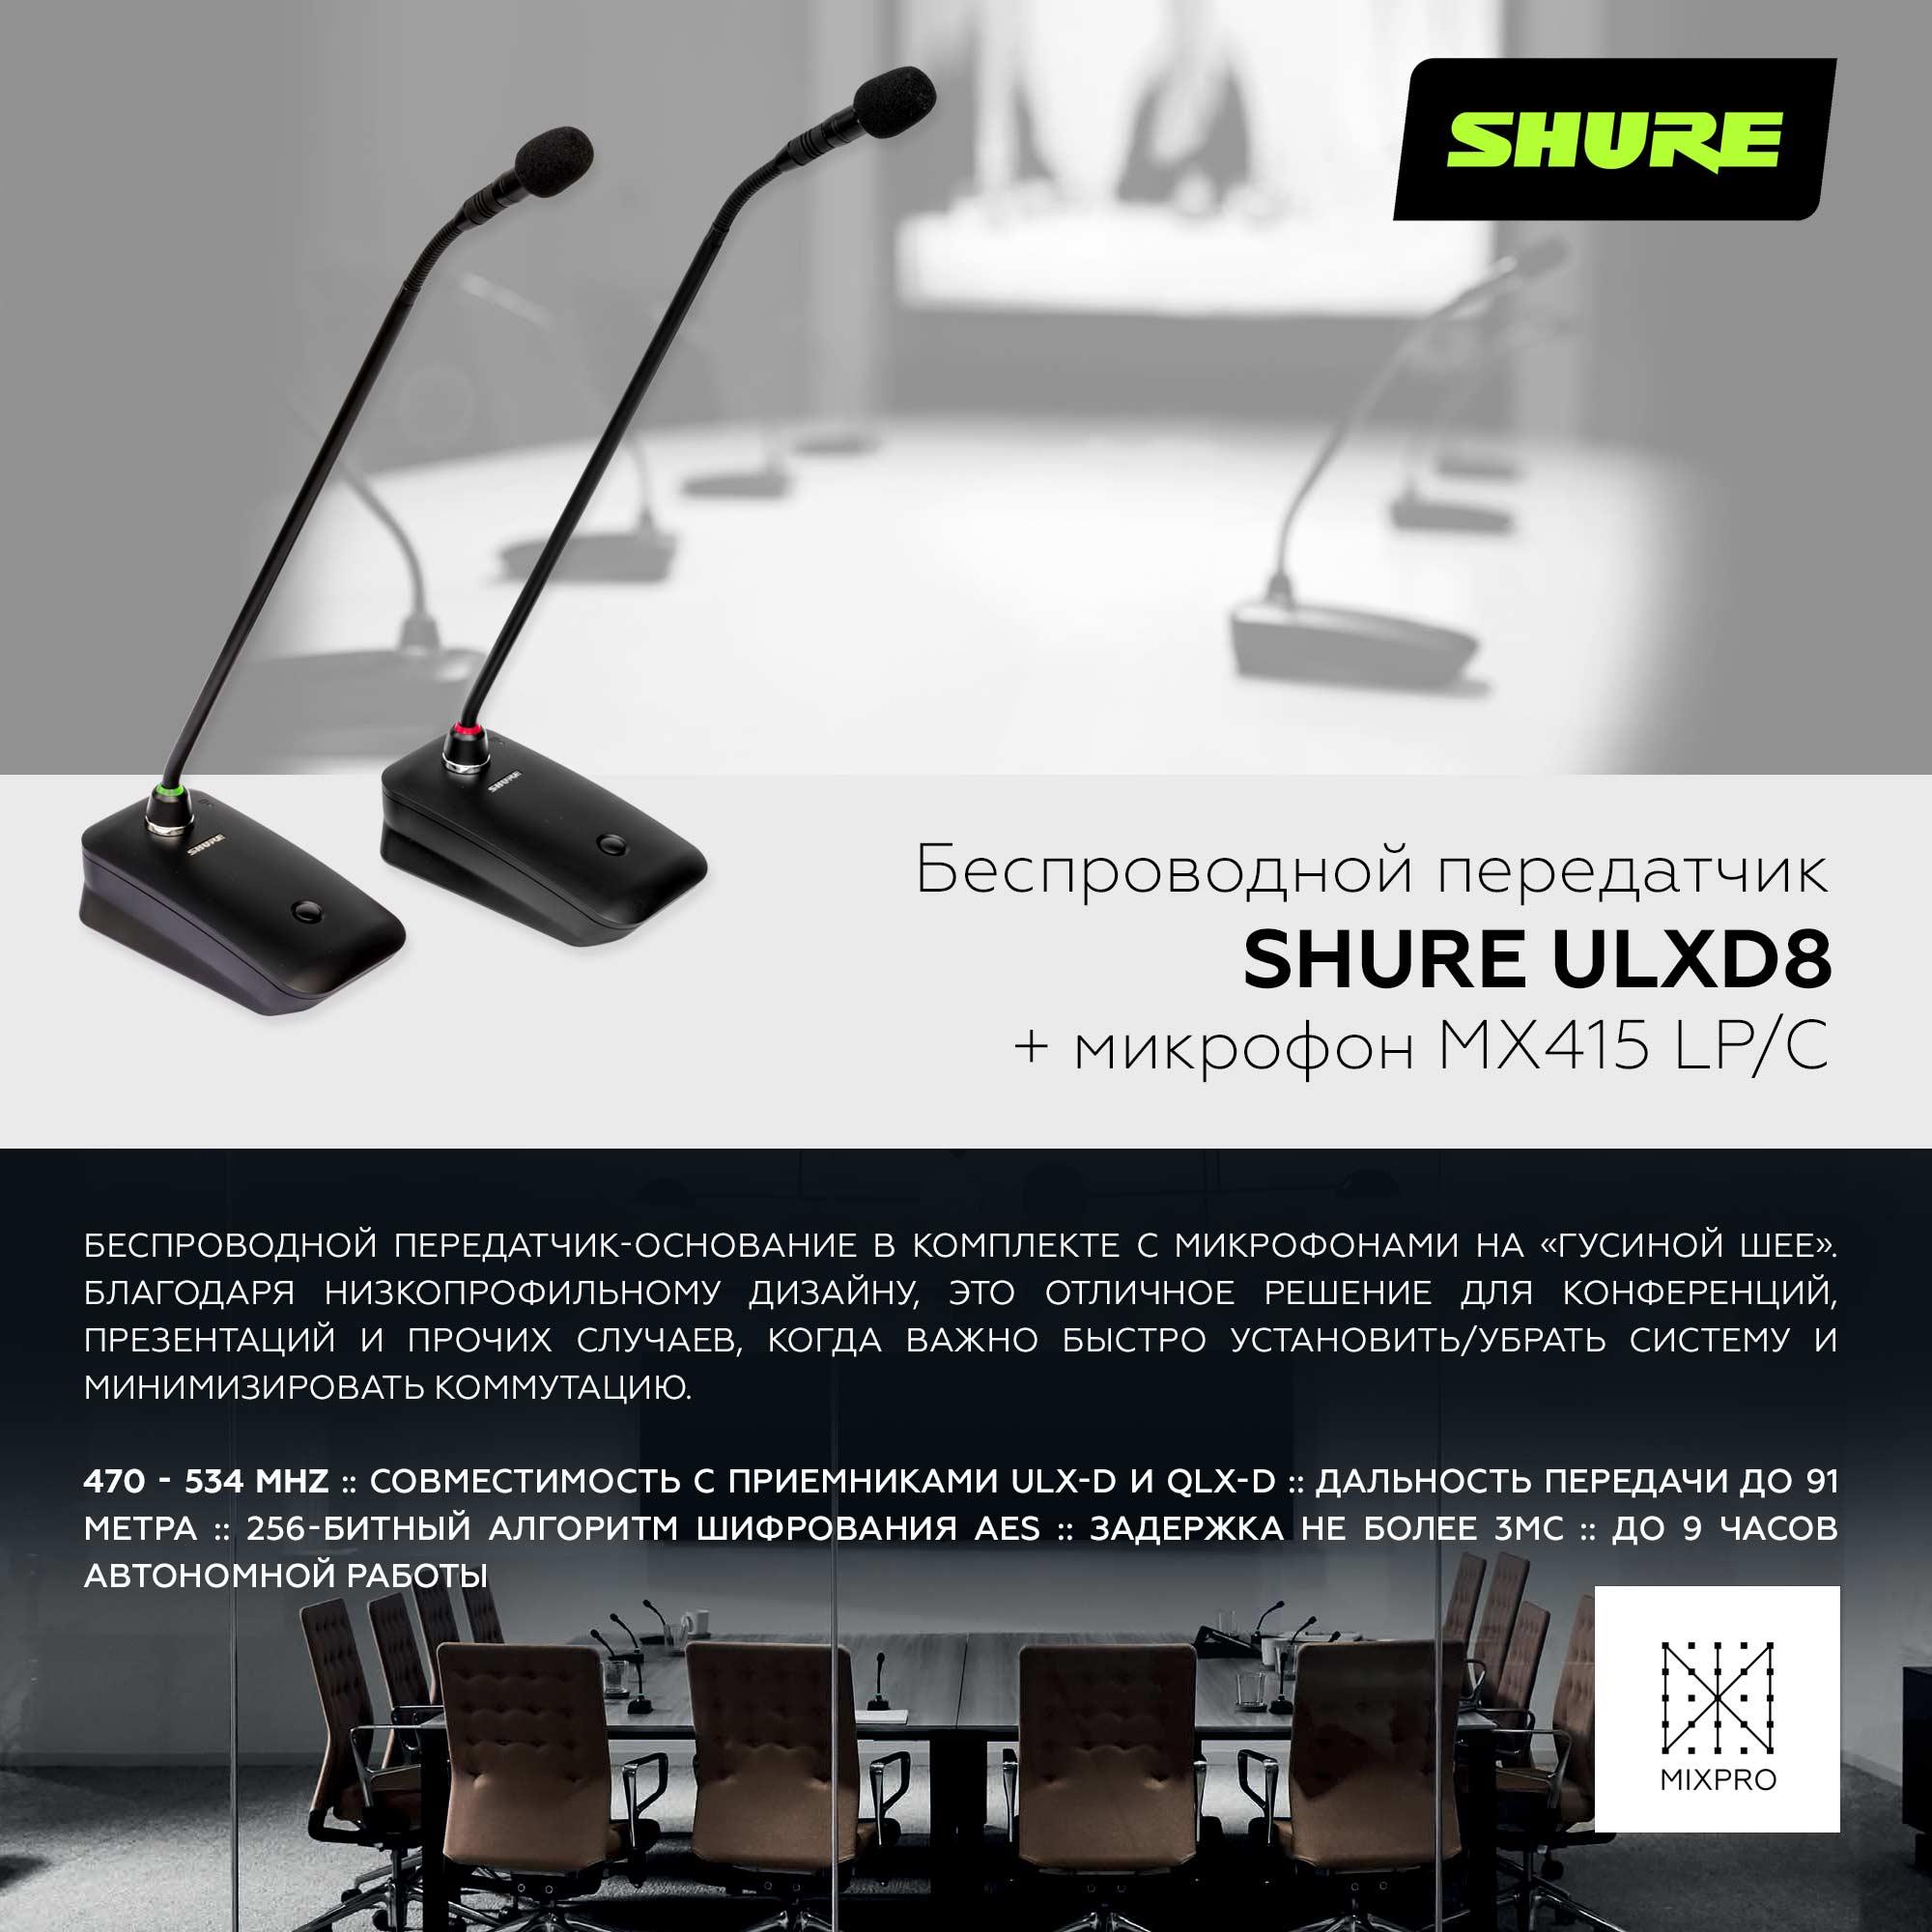 Беспроводные системы SHURE QLXD8